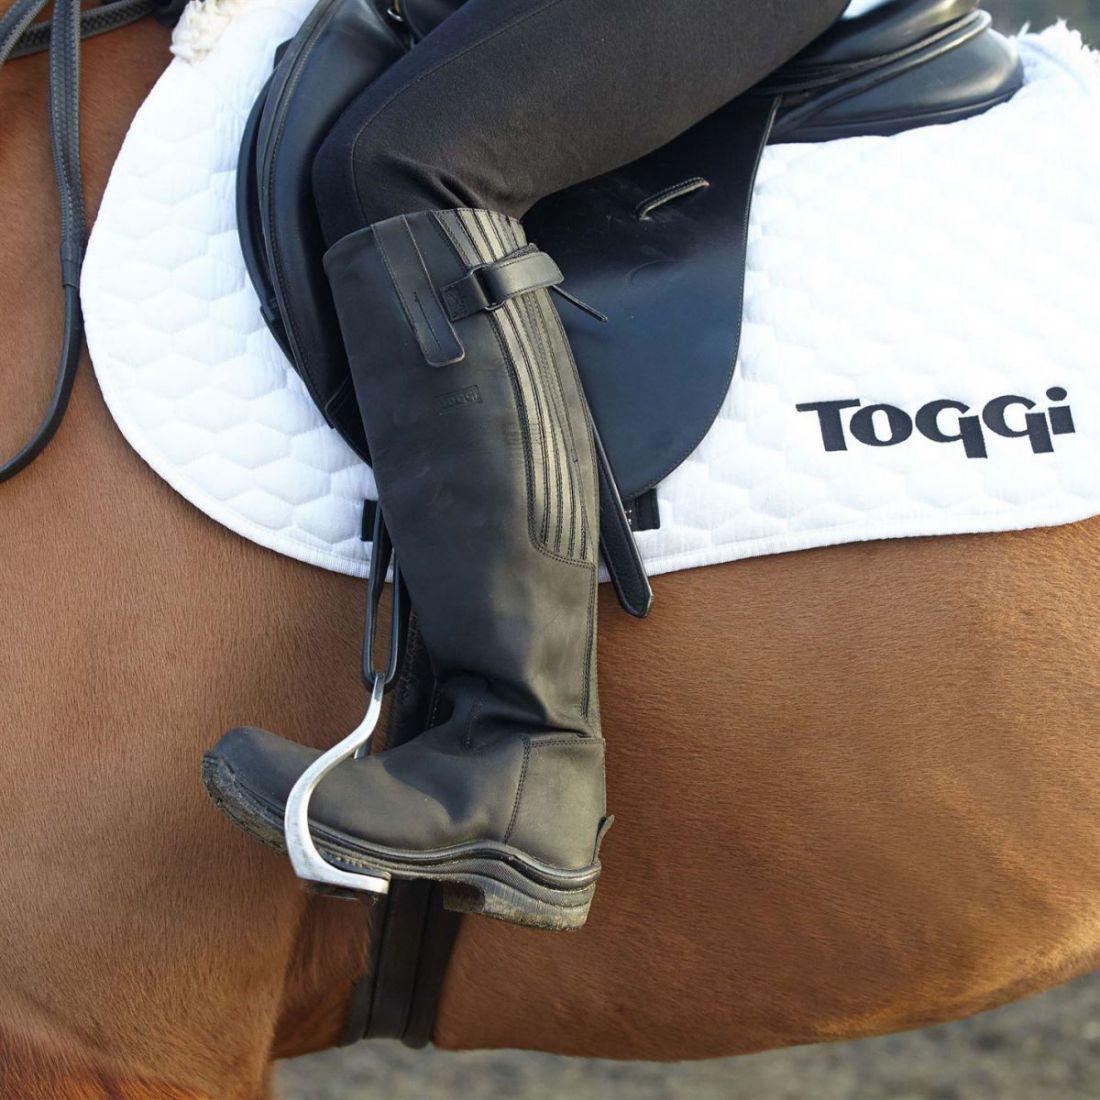 Toggi LINEA DONNA STIVALI CAVALLERIZZA ALTI Calgary Scarpe Zip Impermeabile Flessibile Equestre